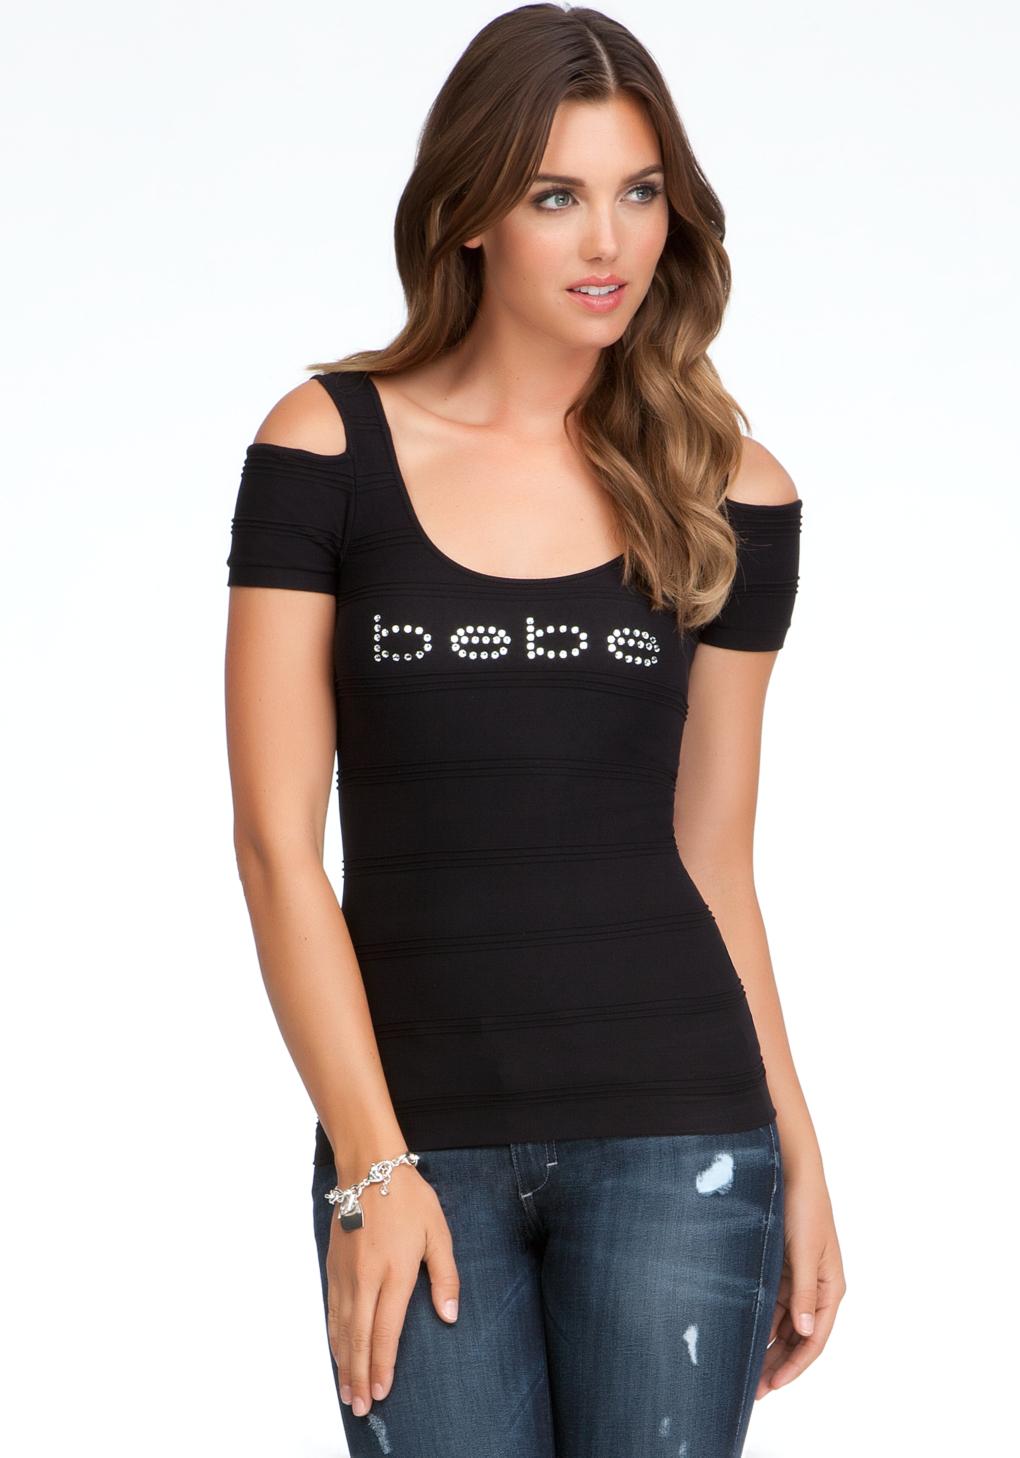 lyst bebe logo cold shoulder top in black. Black Bedroom Furniture Sets. Home Design Ideas